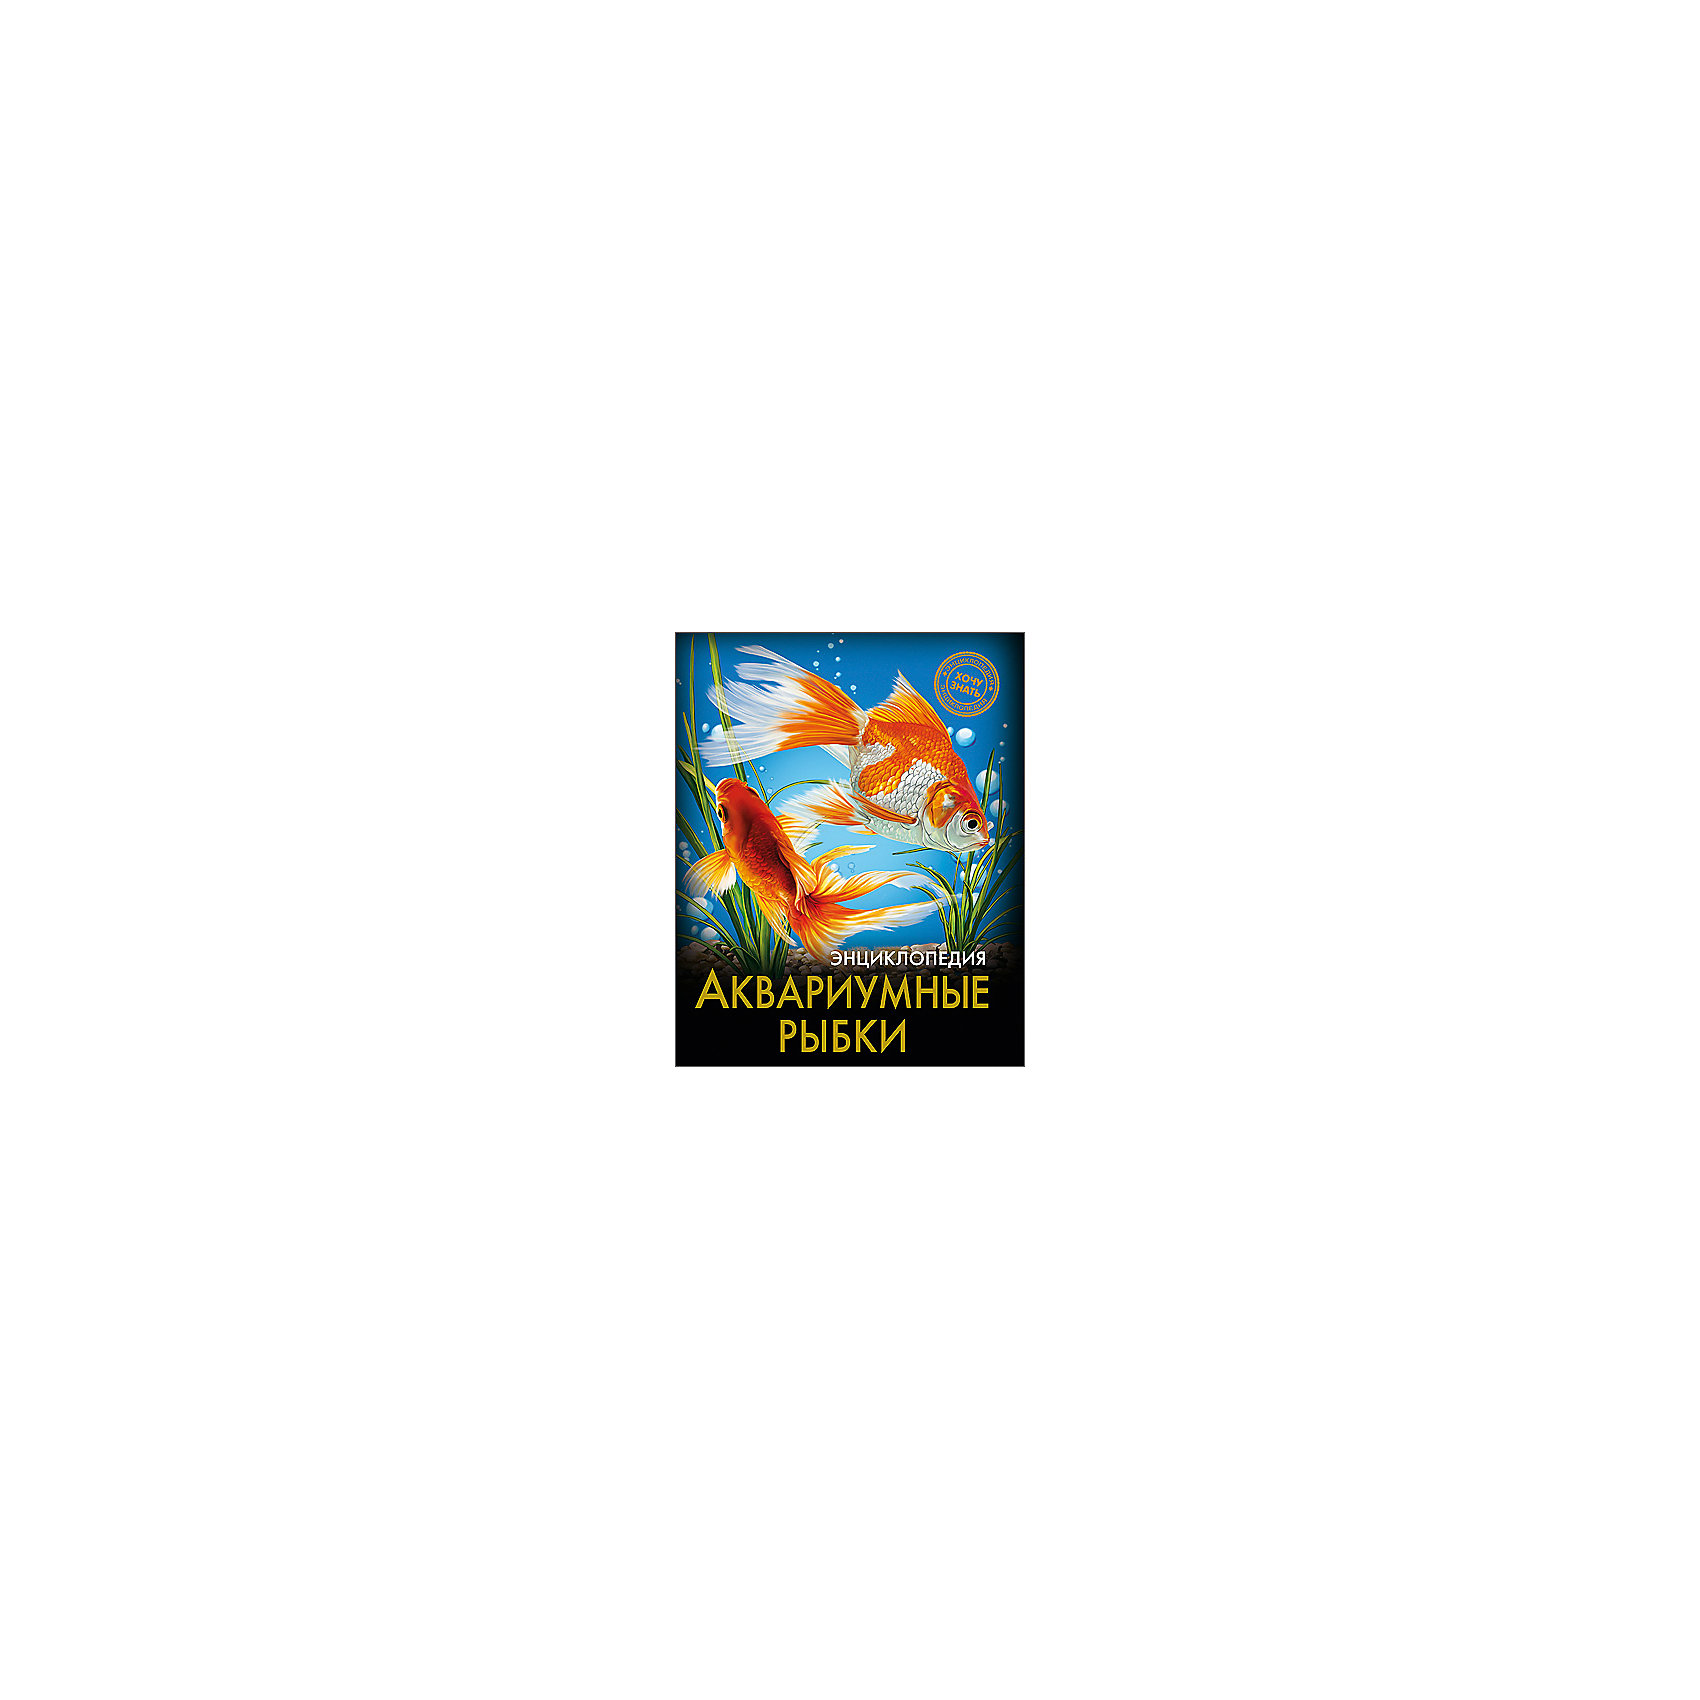 Энциклопедия Аквариумные рыбкиЭнциклопедия Аквариумные рыбки порадует всех любителей аквариумных рыбок! В этом издании вы найдете множество интересных и увлекательных тем и фактов, изложенных простым, понятным для детей языком, дополненных яркими иллюстрациями. Энциклопедия в твердой красочной обложке станет прекрасным подарком на любой праздник и обязательно заинтересует ребенка, поможет расширить кругозор и увеличить словарный запас. <br><br>Дополнительная информация:<br><br>- Автор: Александрова Лада<br>- Художник: Ткач-Боровкова Роксолана<br>- Формат: 21,6х17 см.<br>- Переплет: твердый, 7БЦ.<br>- Количество страниц: 96.<br>- Иллюстрации: цветные.<br>- Содержание: Введение. Общая характеристика аквариумных рыбок. Пресноводные аквариумные рыбки. Морские аквариумные рыбки. Экзотические аквариумные рыбки. Заключение. <br><br>Энциклопедию Аквариумные рыбки можно купить в нашем магазине.<br><br>Ширина мм: 170<br>Глубина мм: 5<br>Высота мм: 215<br>Вес г: 310<br>Возраст от месяцев: 72<br>Возраст до месяцев: 2147483647<br>Пол: Унисекс<br>Возраст: Детский<br>SKU: 4756226